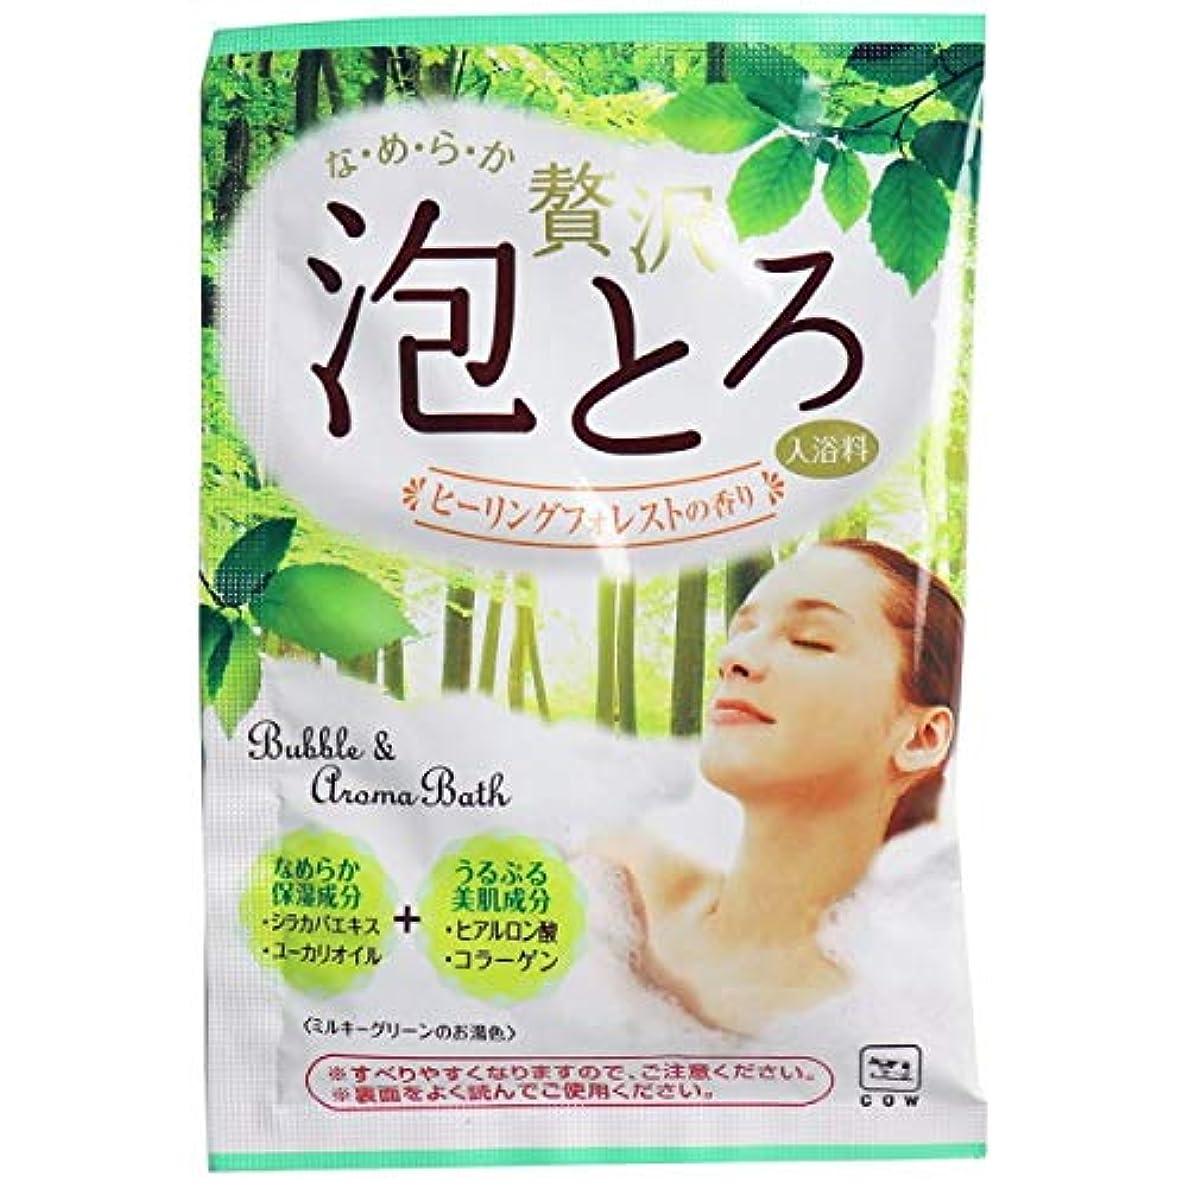 ブラスト間違っている窒素牛乳石鹸 お湯物語 贅沢泡とろ 入浴料 ヒーリングフォレスト30g 16個セット